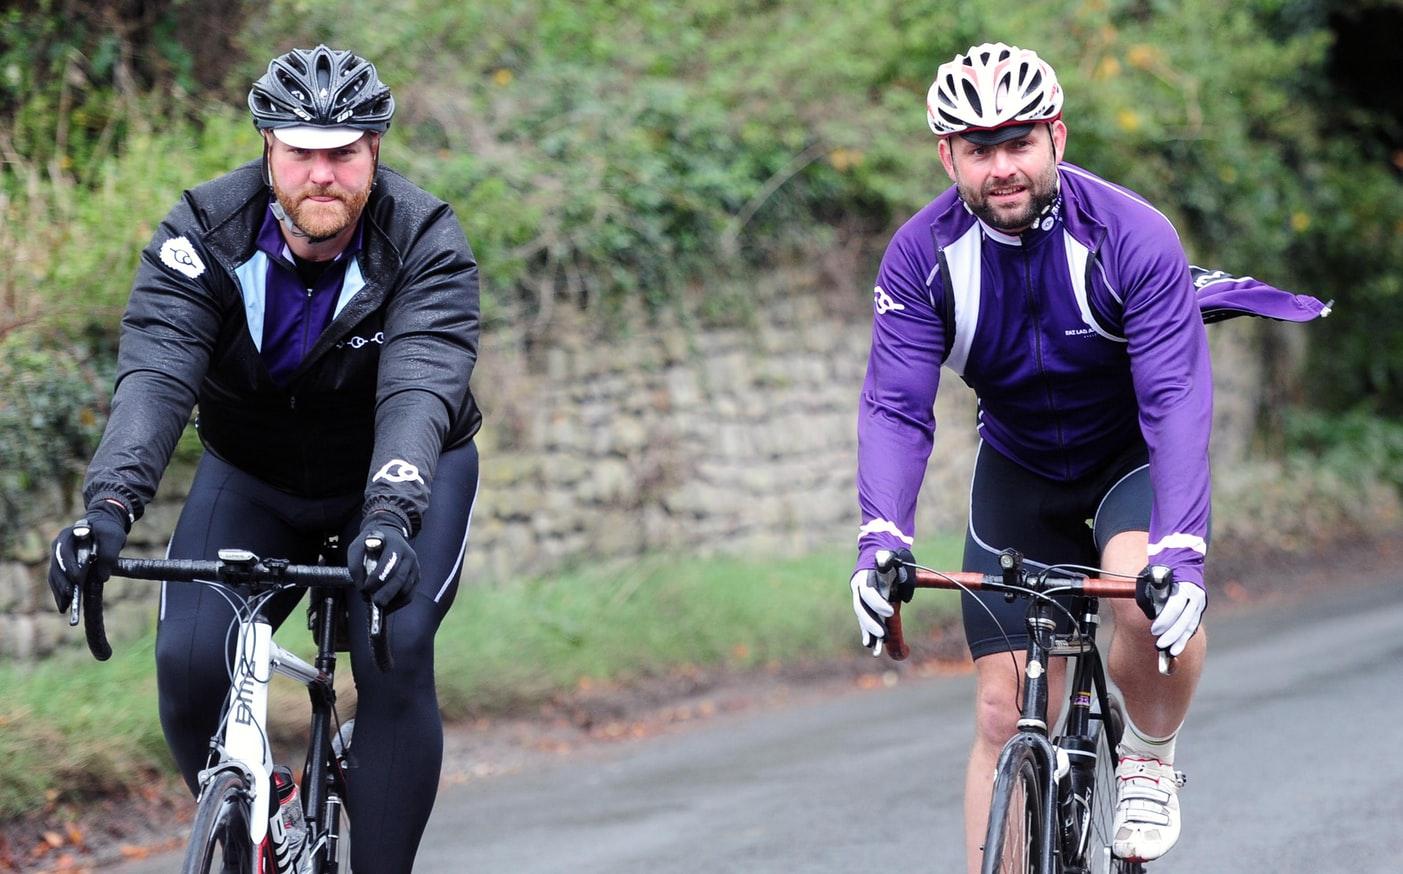 Les citoyens sont invités à pratiquer le cyclisme selon les règles sanitaires en vigueur.